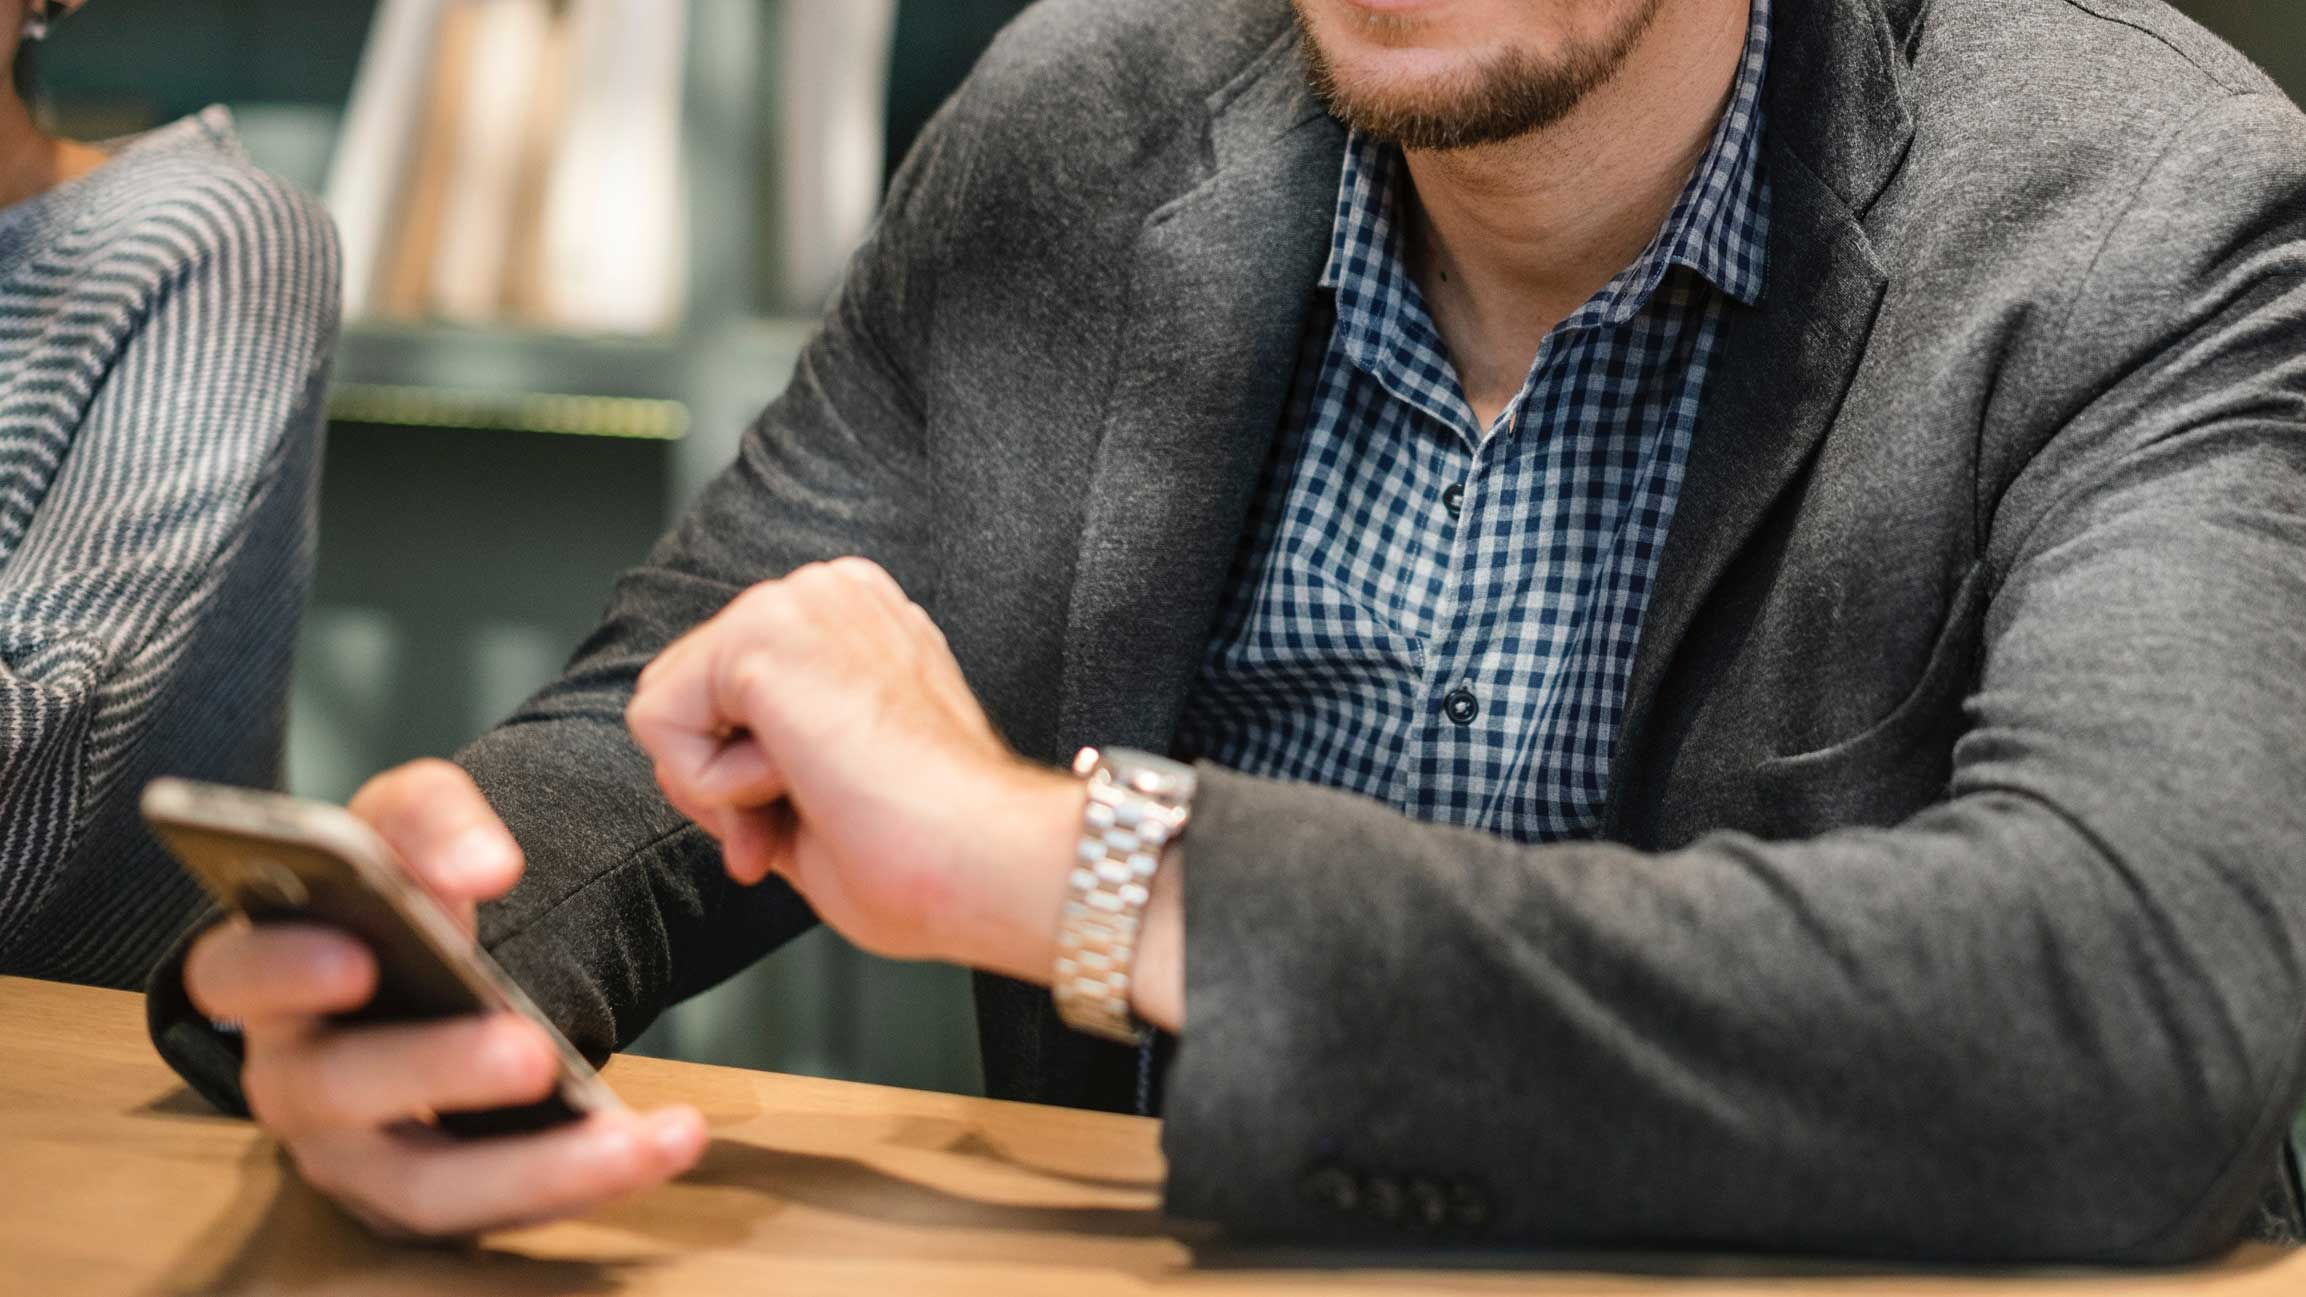 Mãos de um homem segurando um celular.